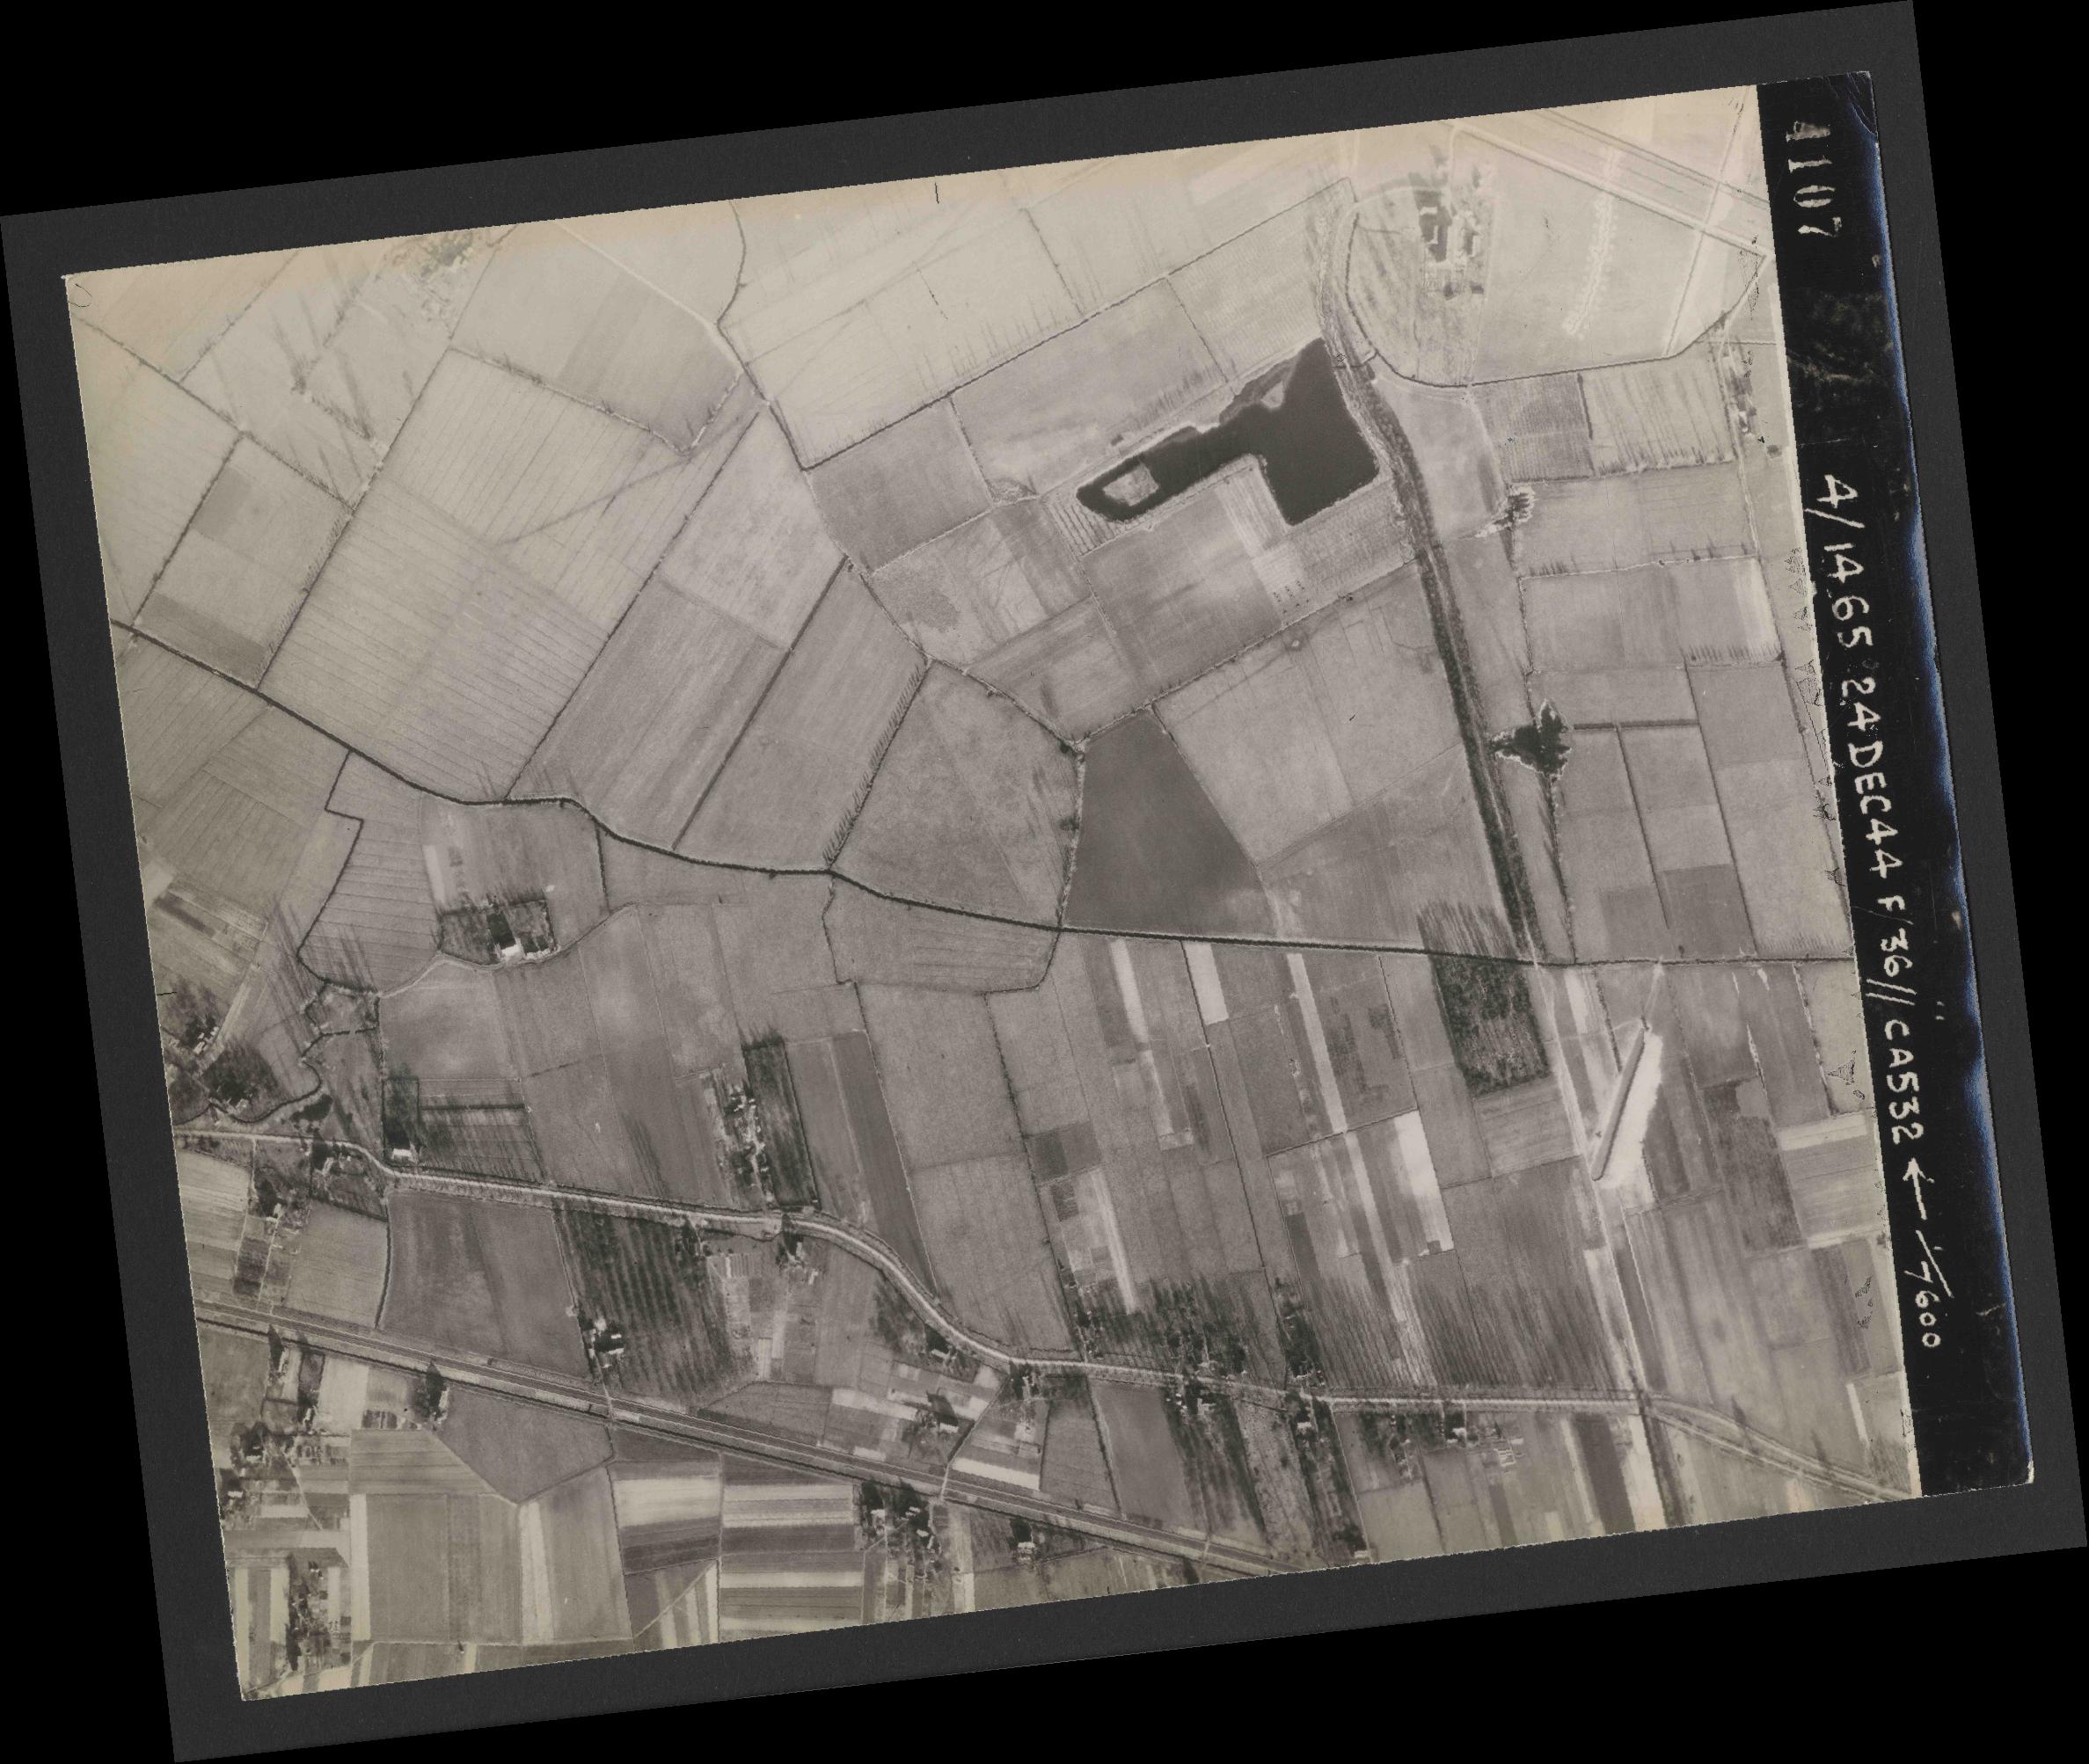 Collection RAF aerial photos 1940-1945 - flight 304, run 02, photo 4107